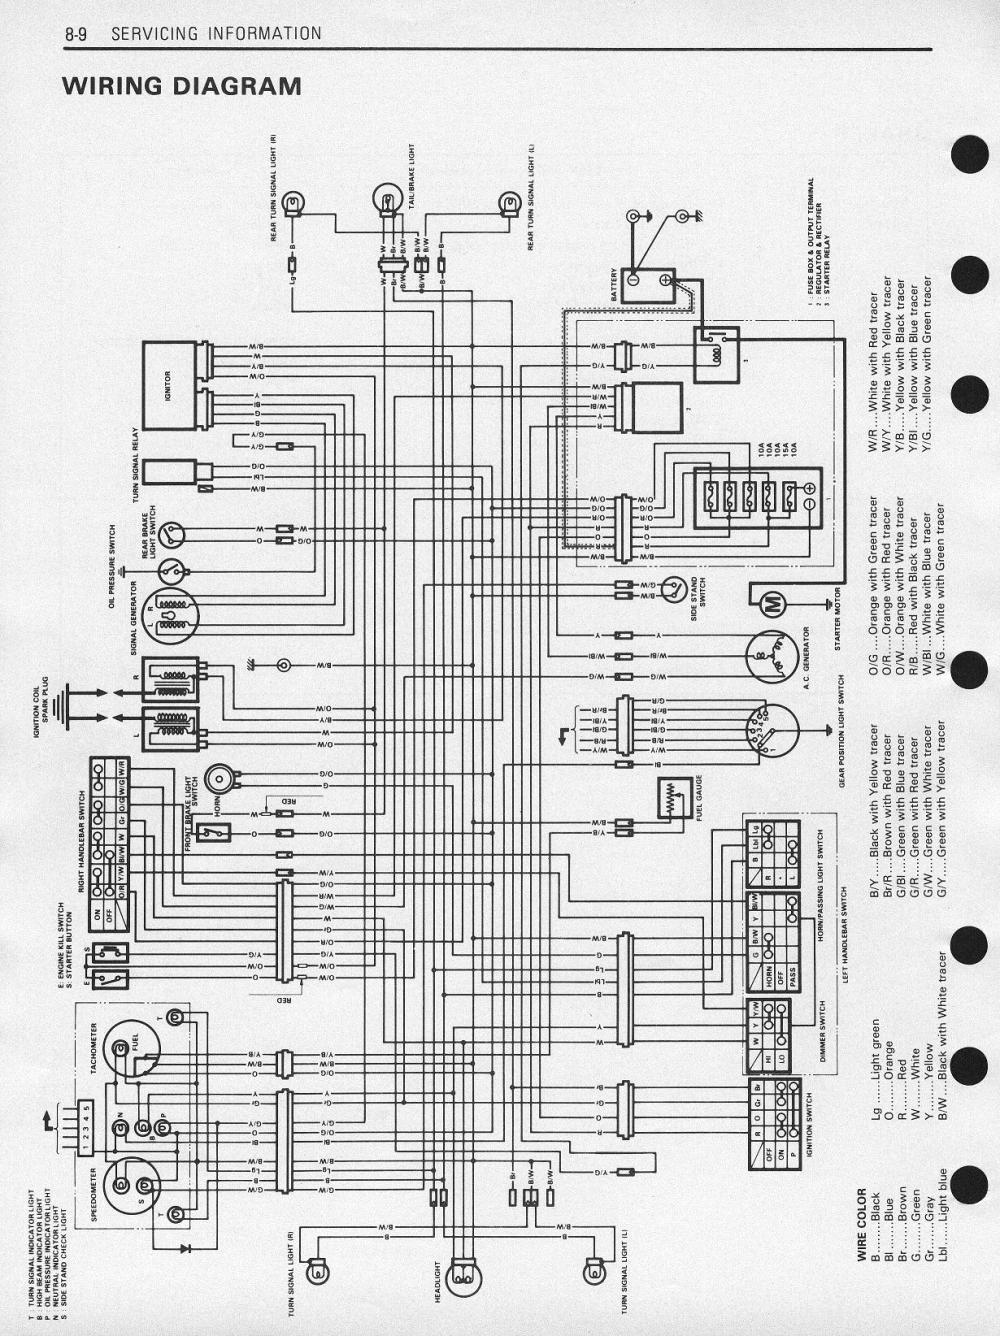 medium resolution of suzuki gr 650 wiring diagram